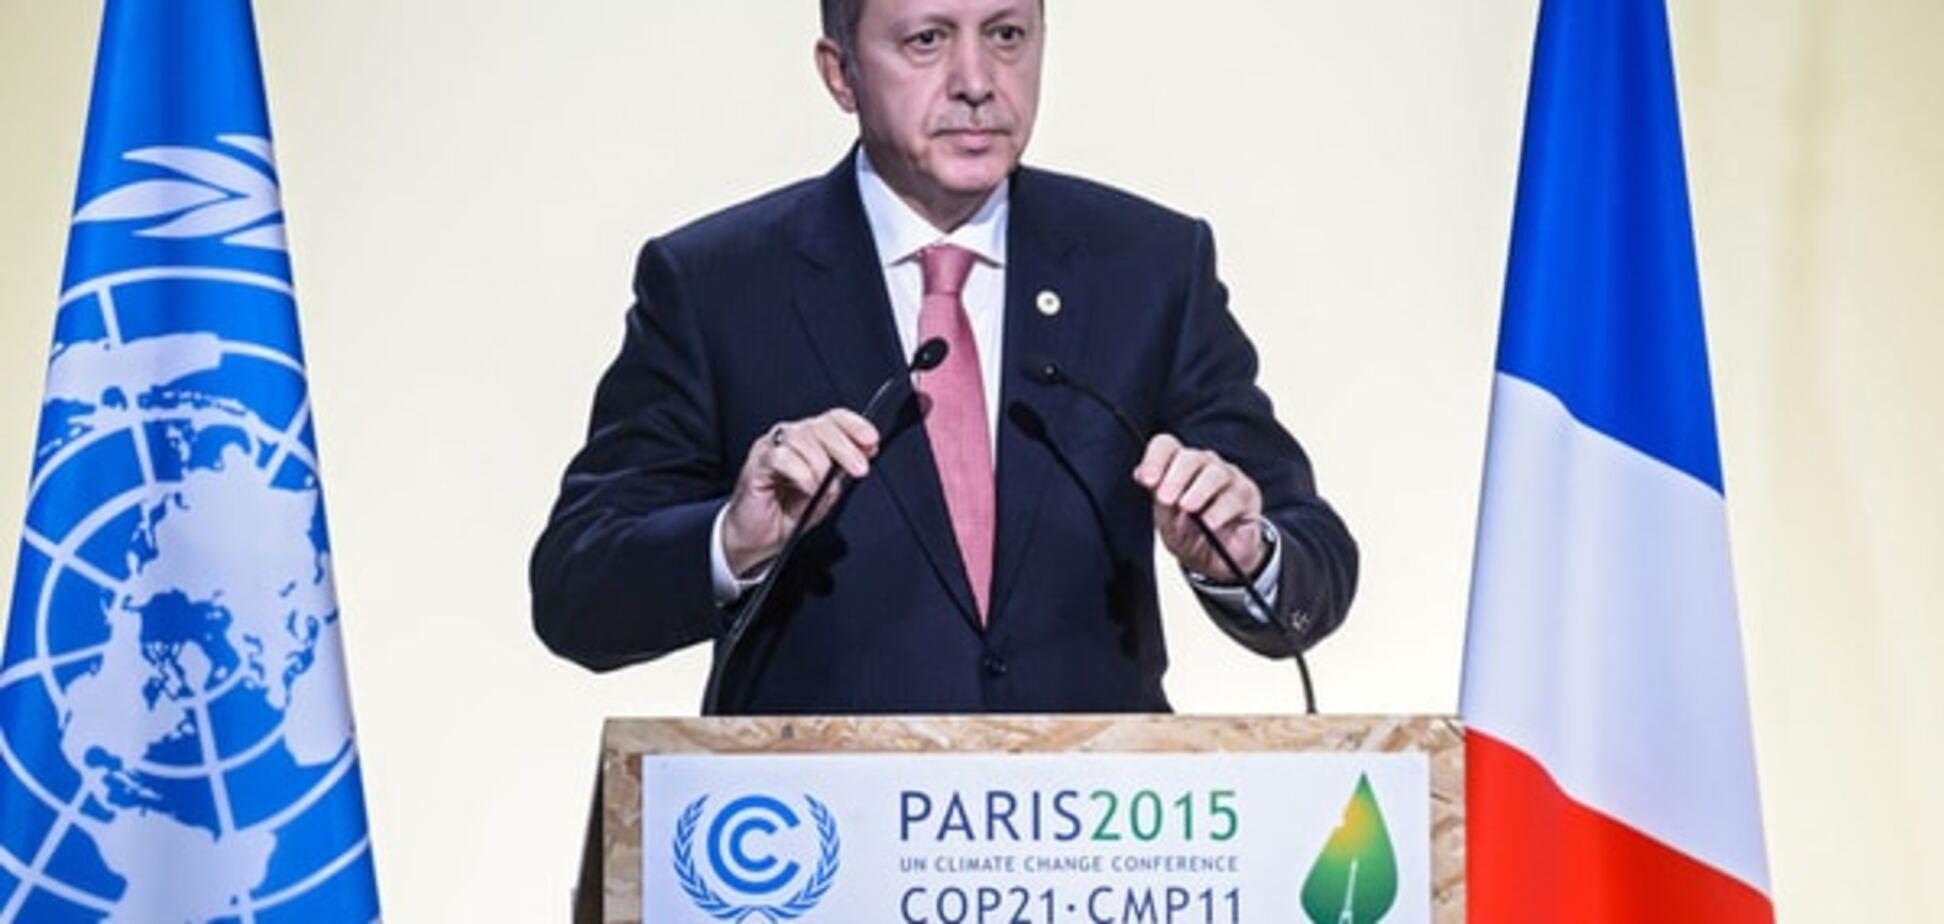 Ердоган: Анкара відповість на російські санкції 'терпляче і без емоцій'